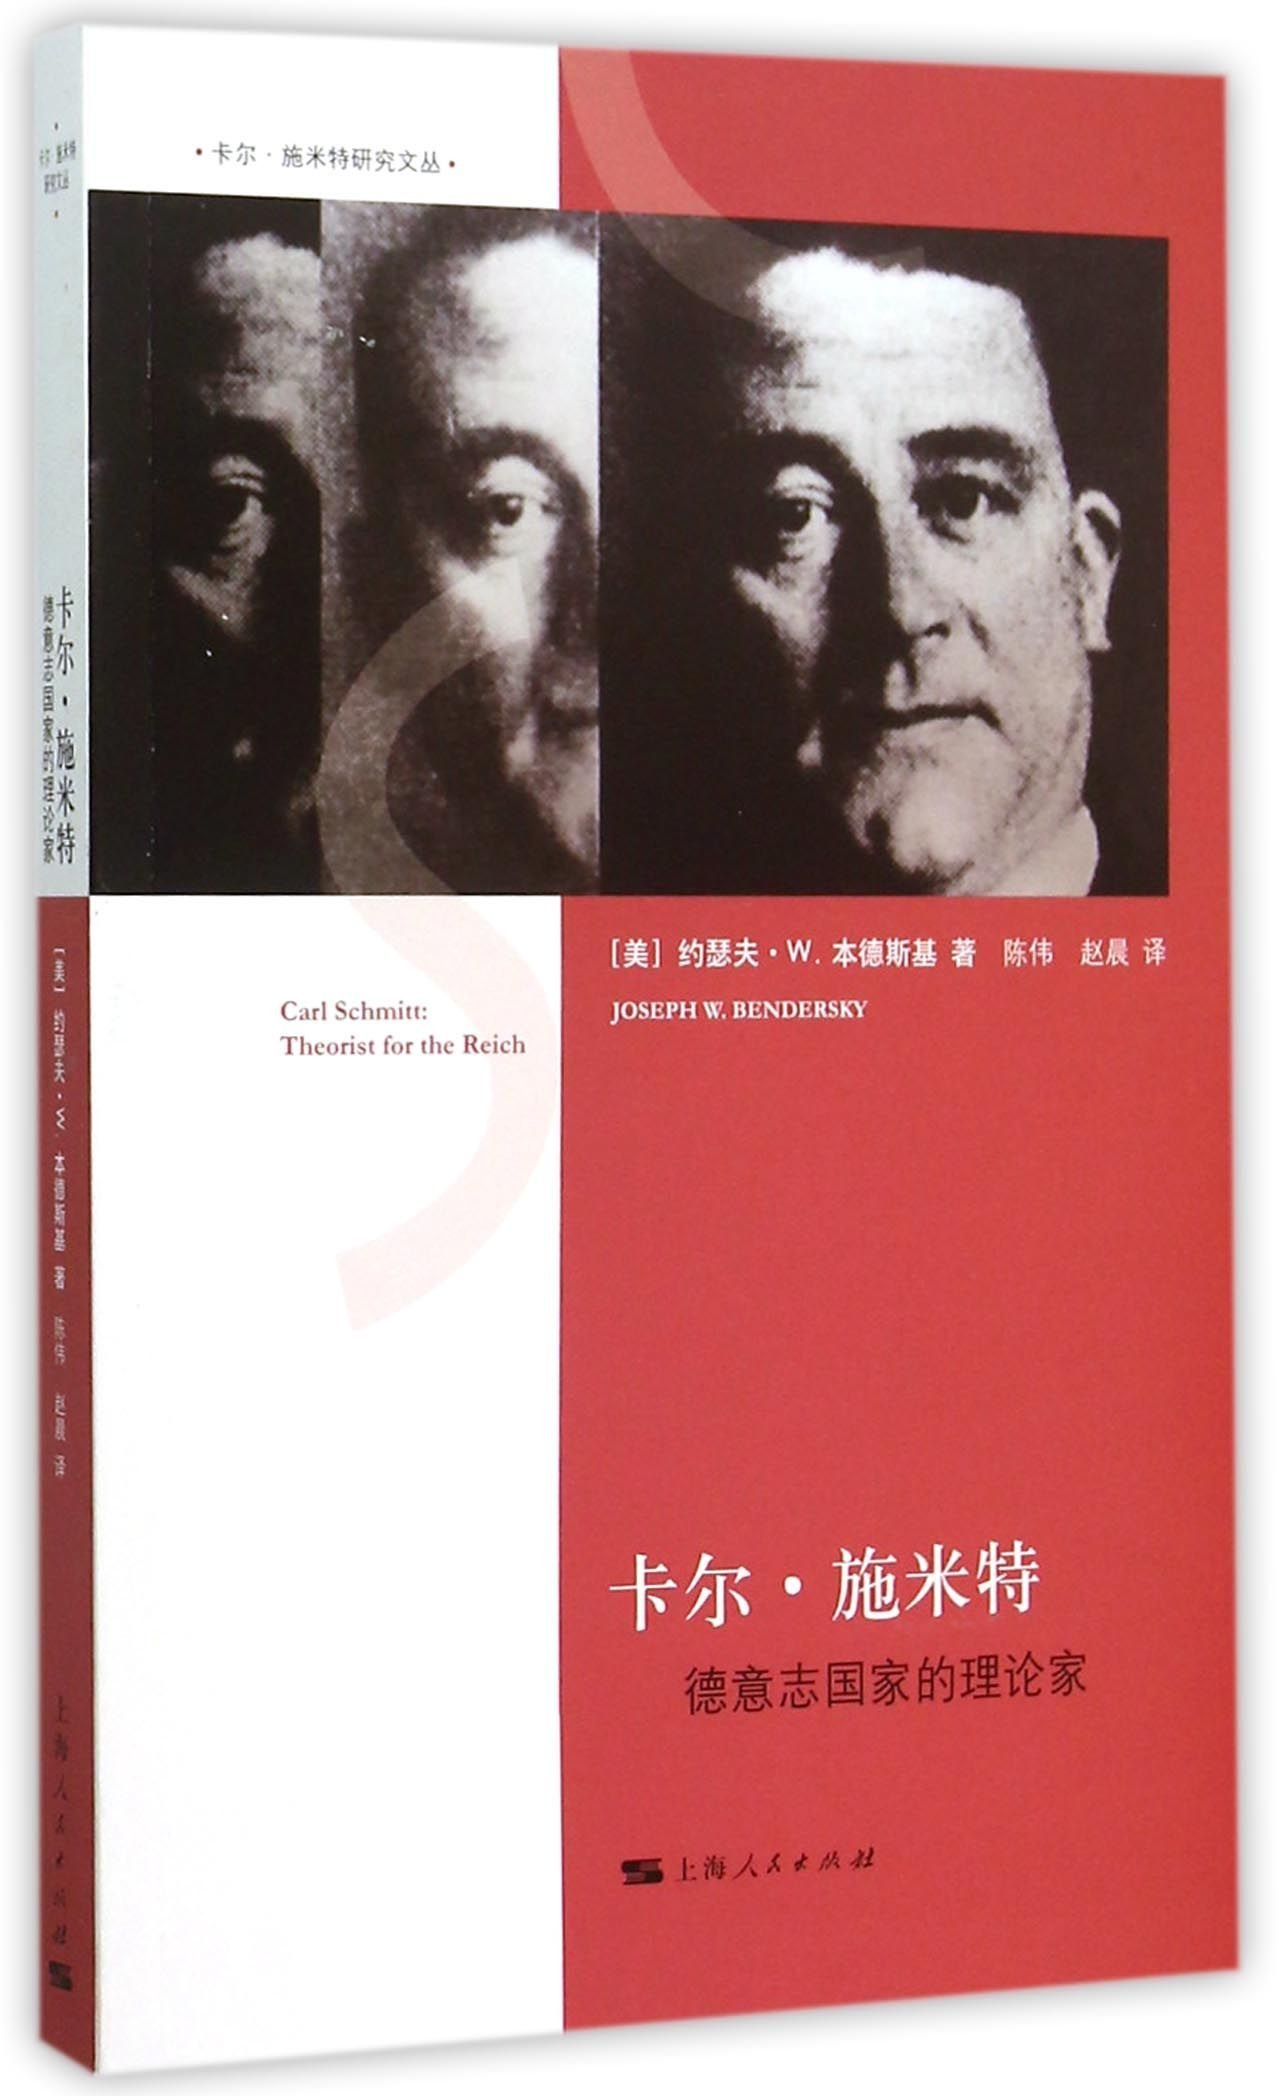 Download 卡尔·施米特(德意志国家的理论家)/卡尔·施米特研究文丛 PDF